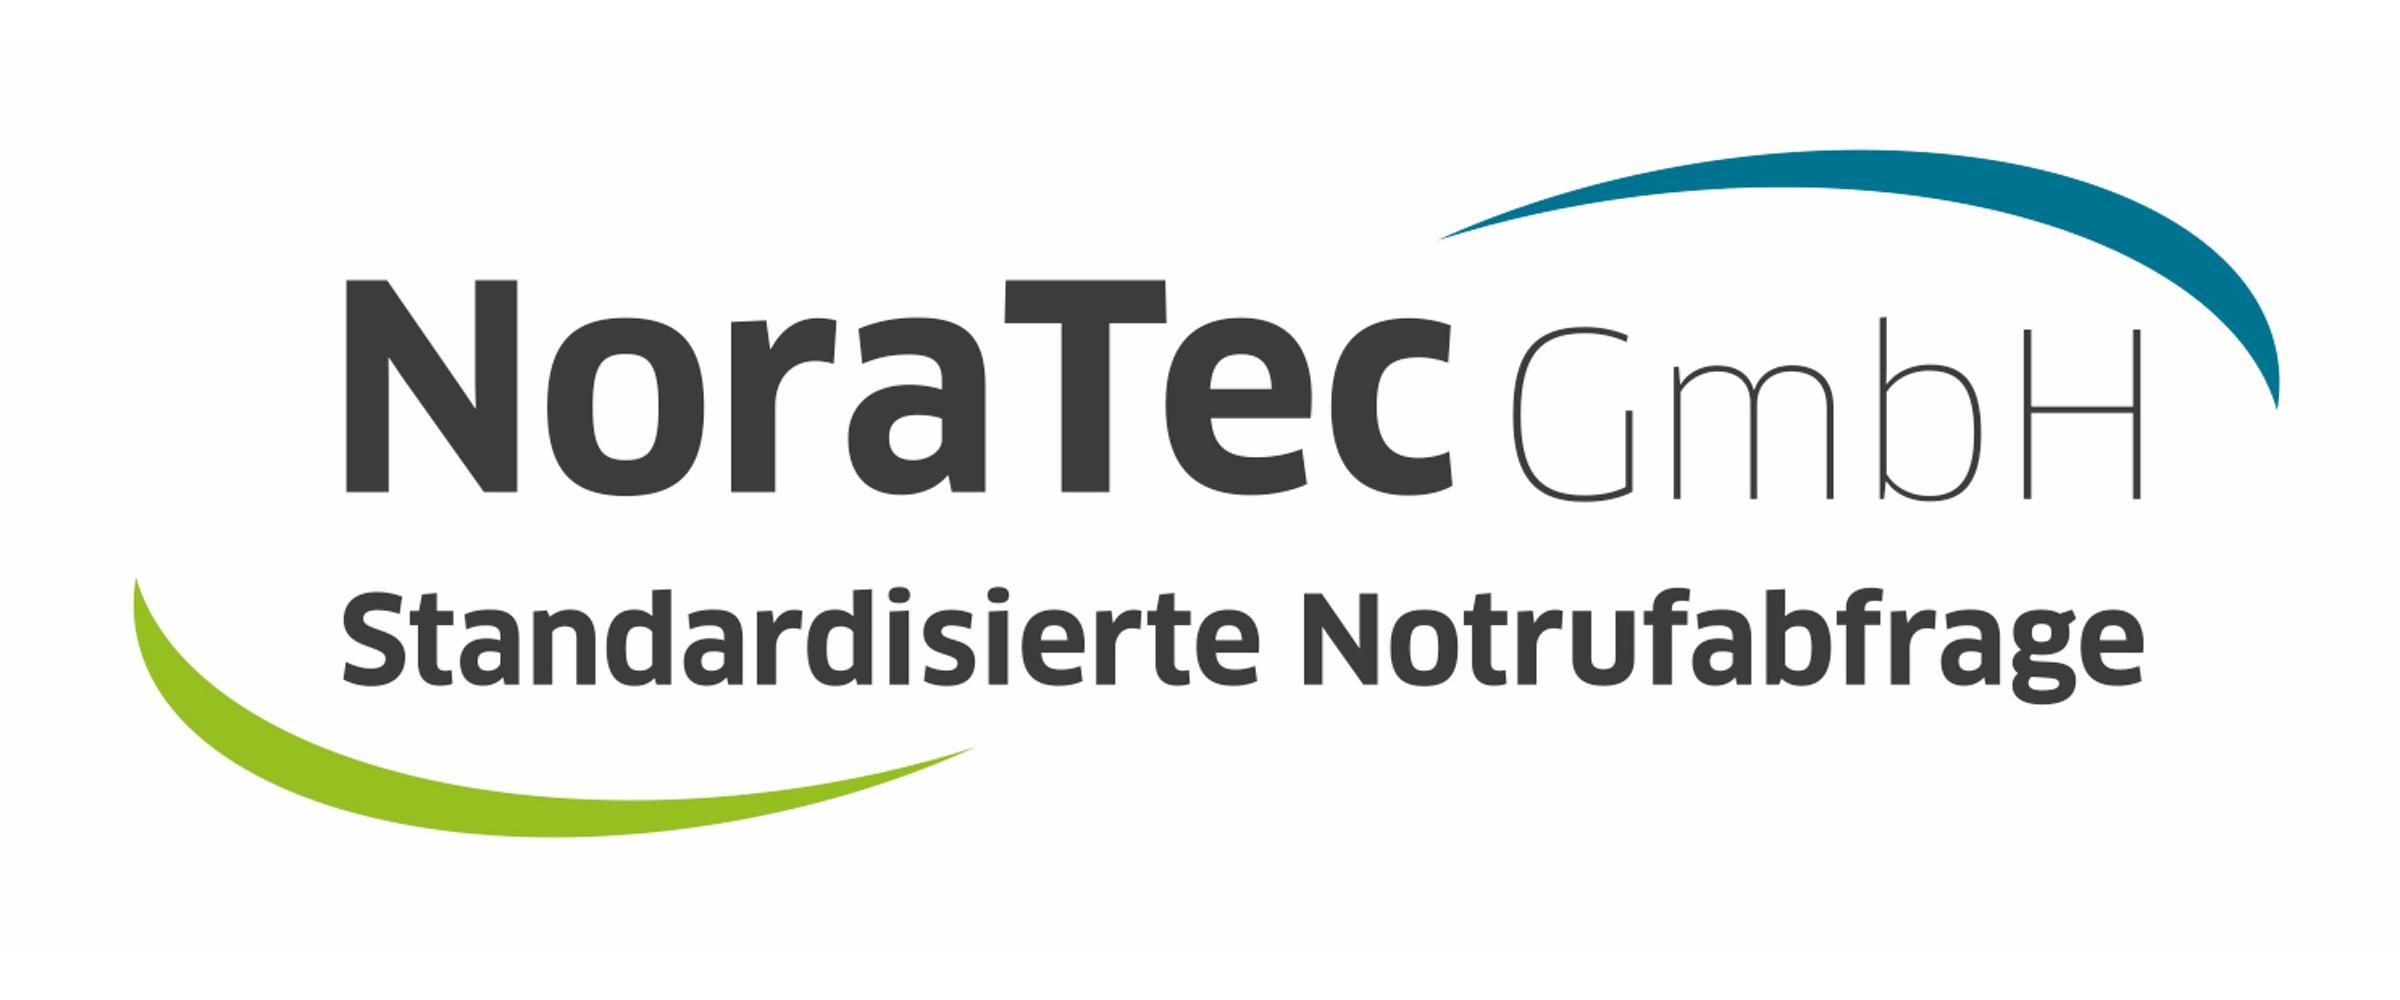 NoraTec